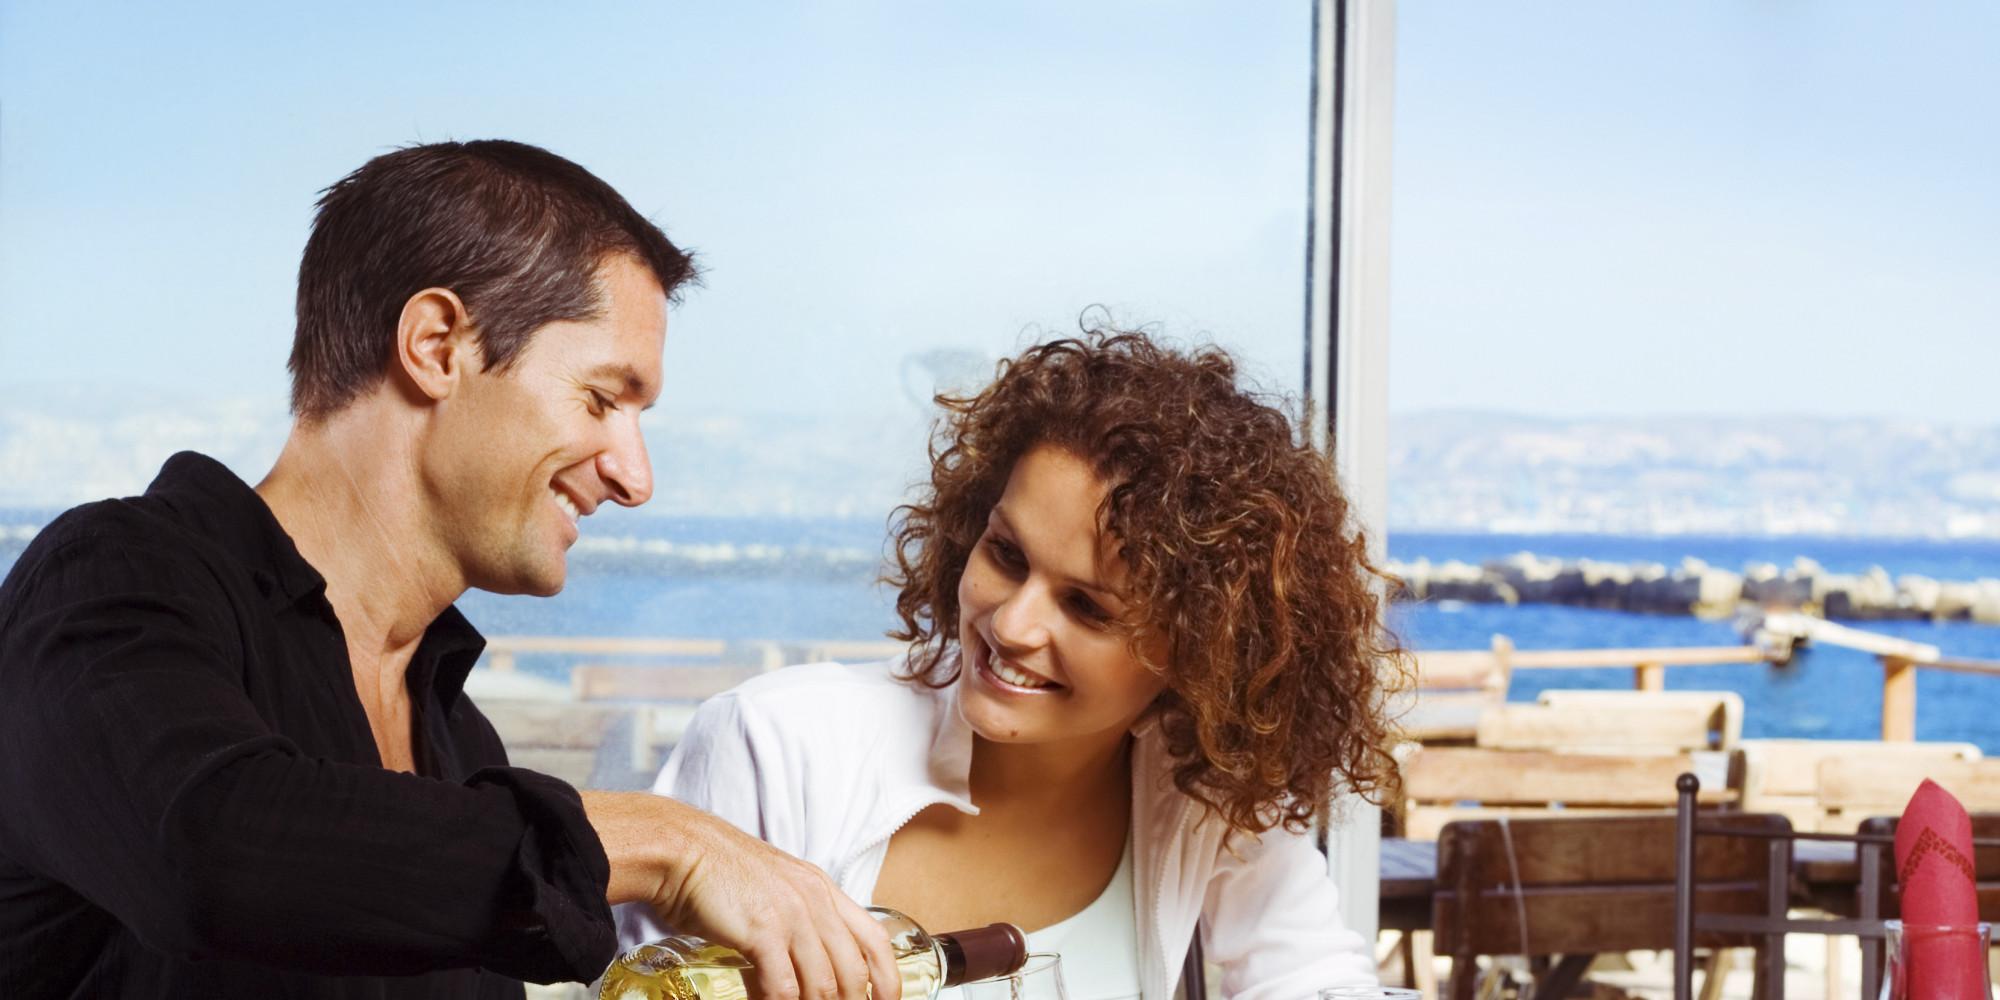 Девушку знакомств с пригласить сайта на как свидание